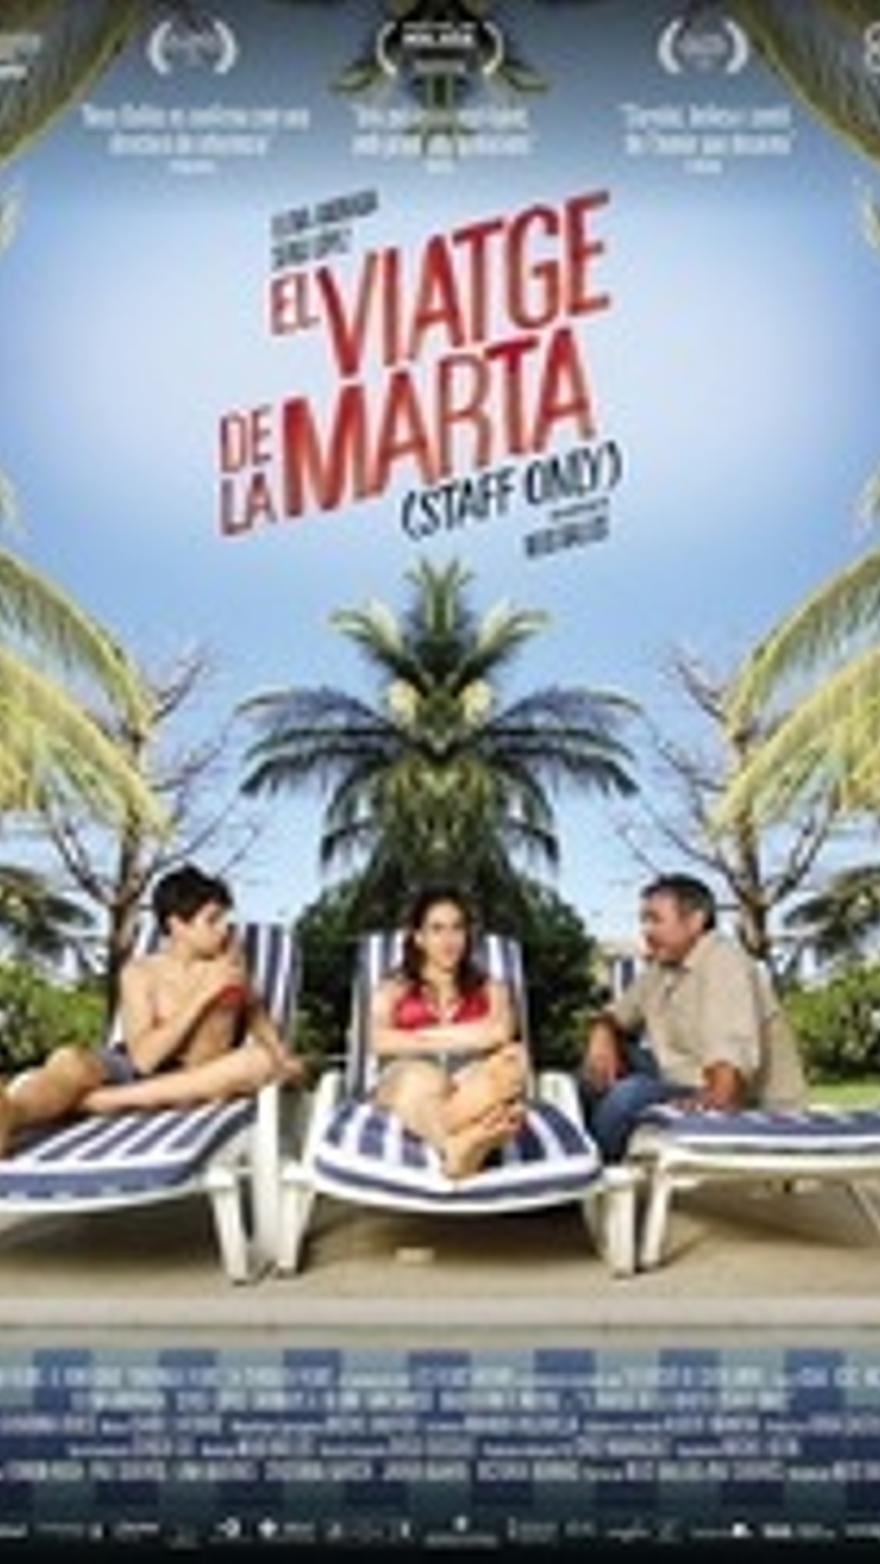 El viatge de la Marta (Staff Only)